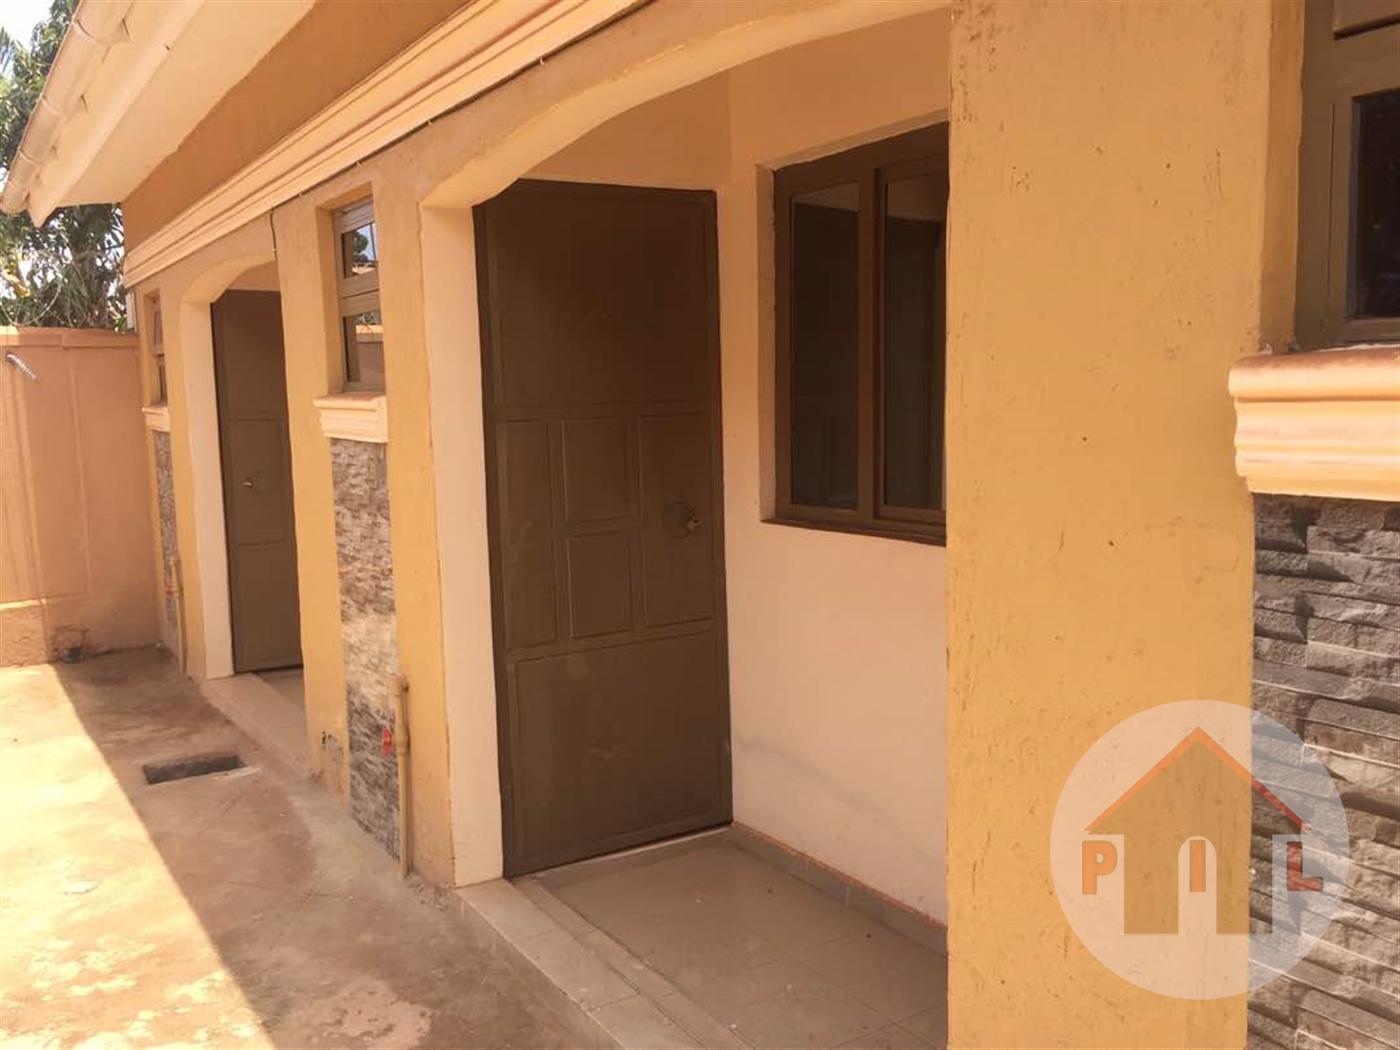 Rental units for sale in Masajja Wakiso